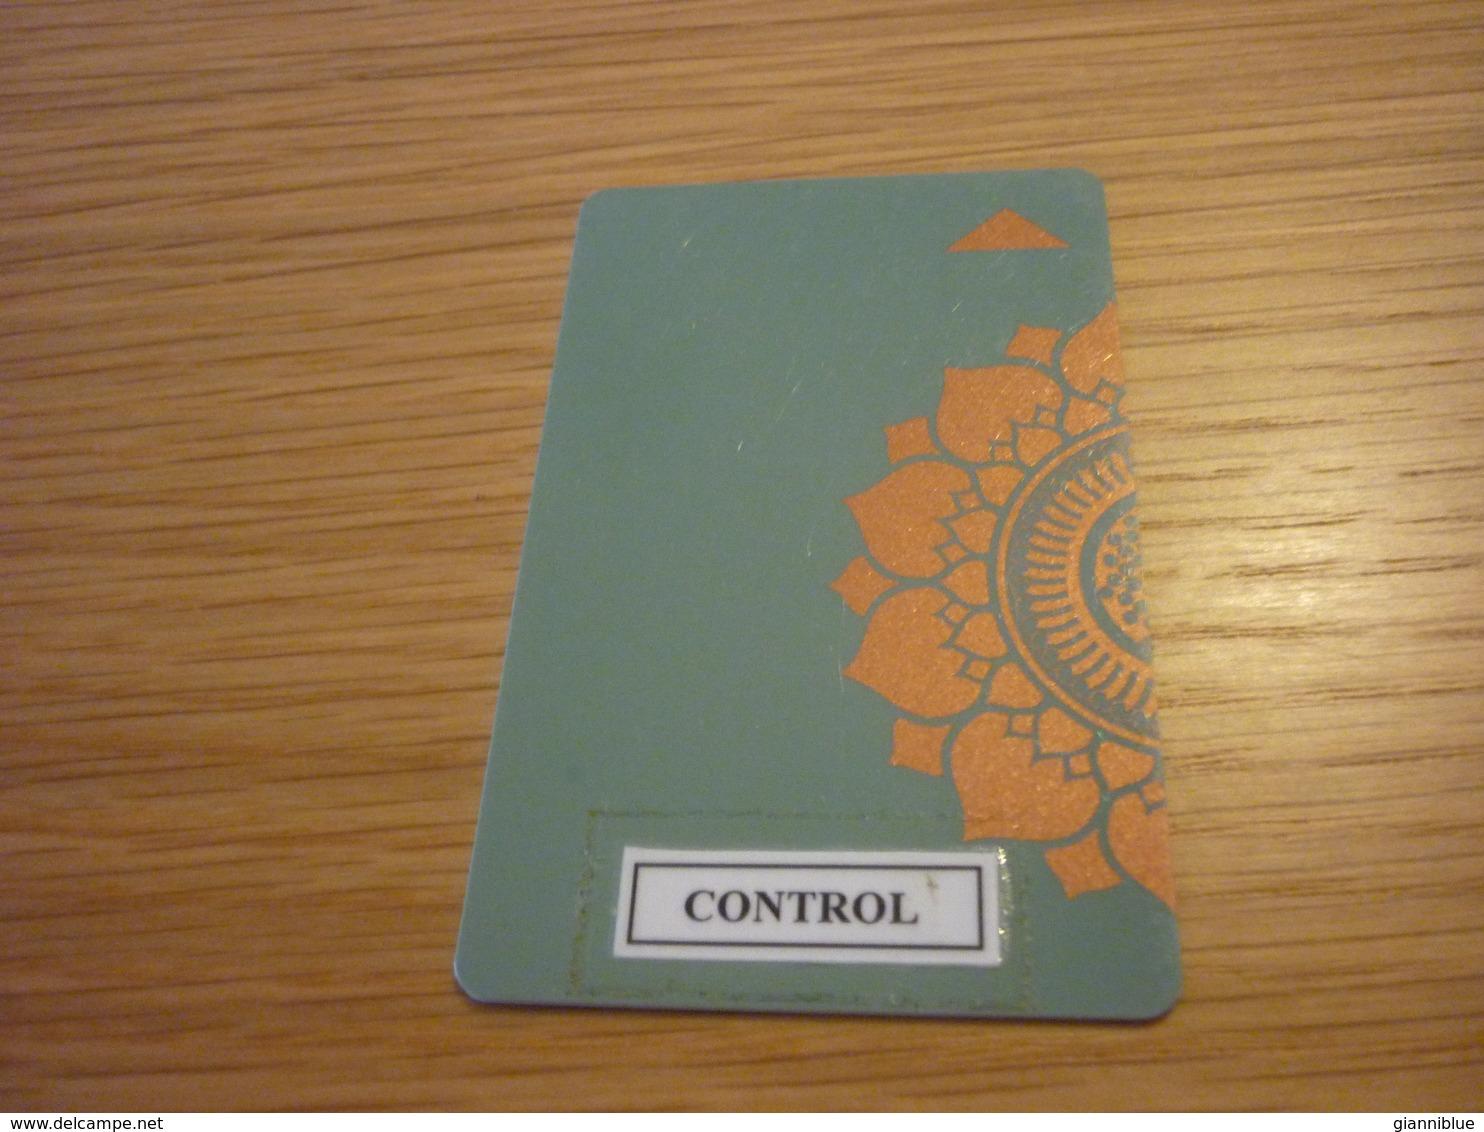 Thailand Bangkok Four Seasons Hotel Room Key Card (control Sticker) - Hotel Keycards